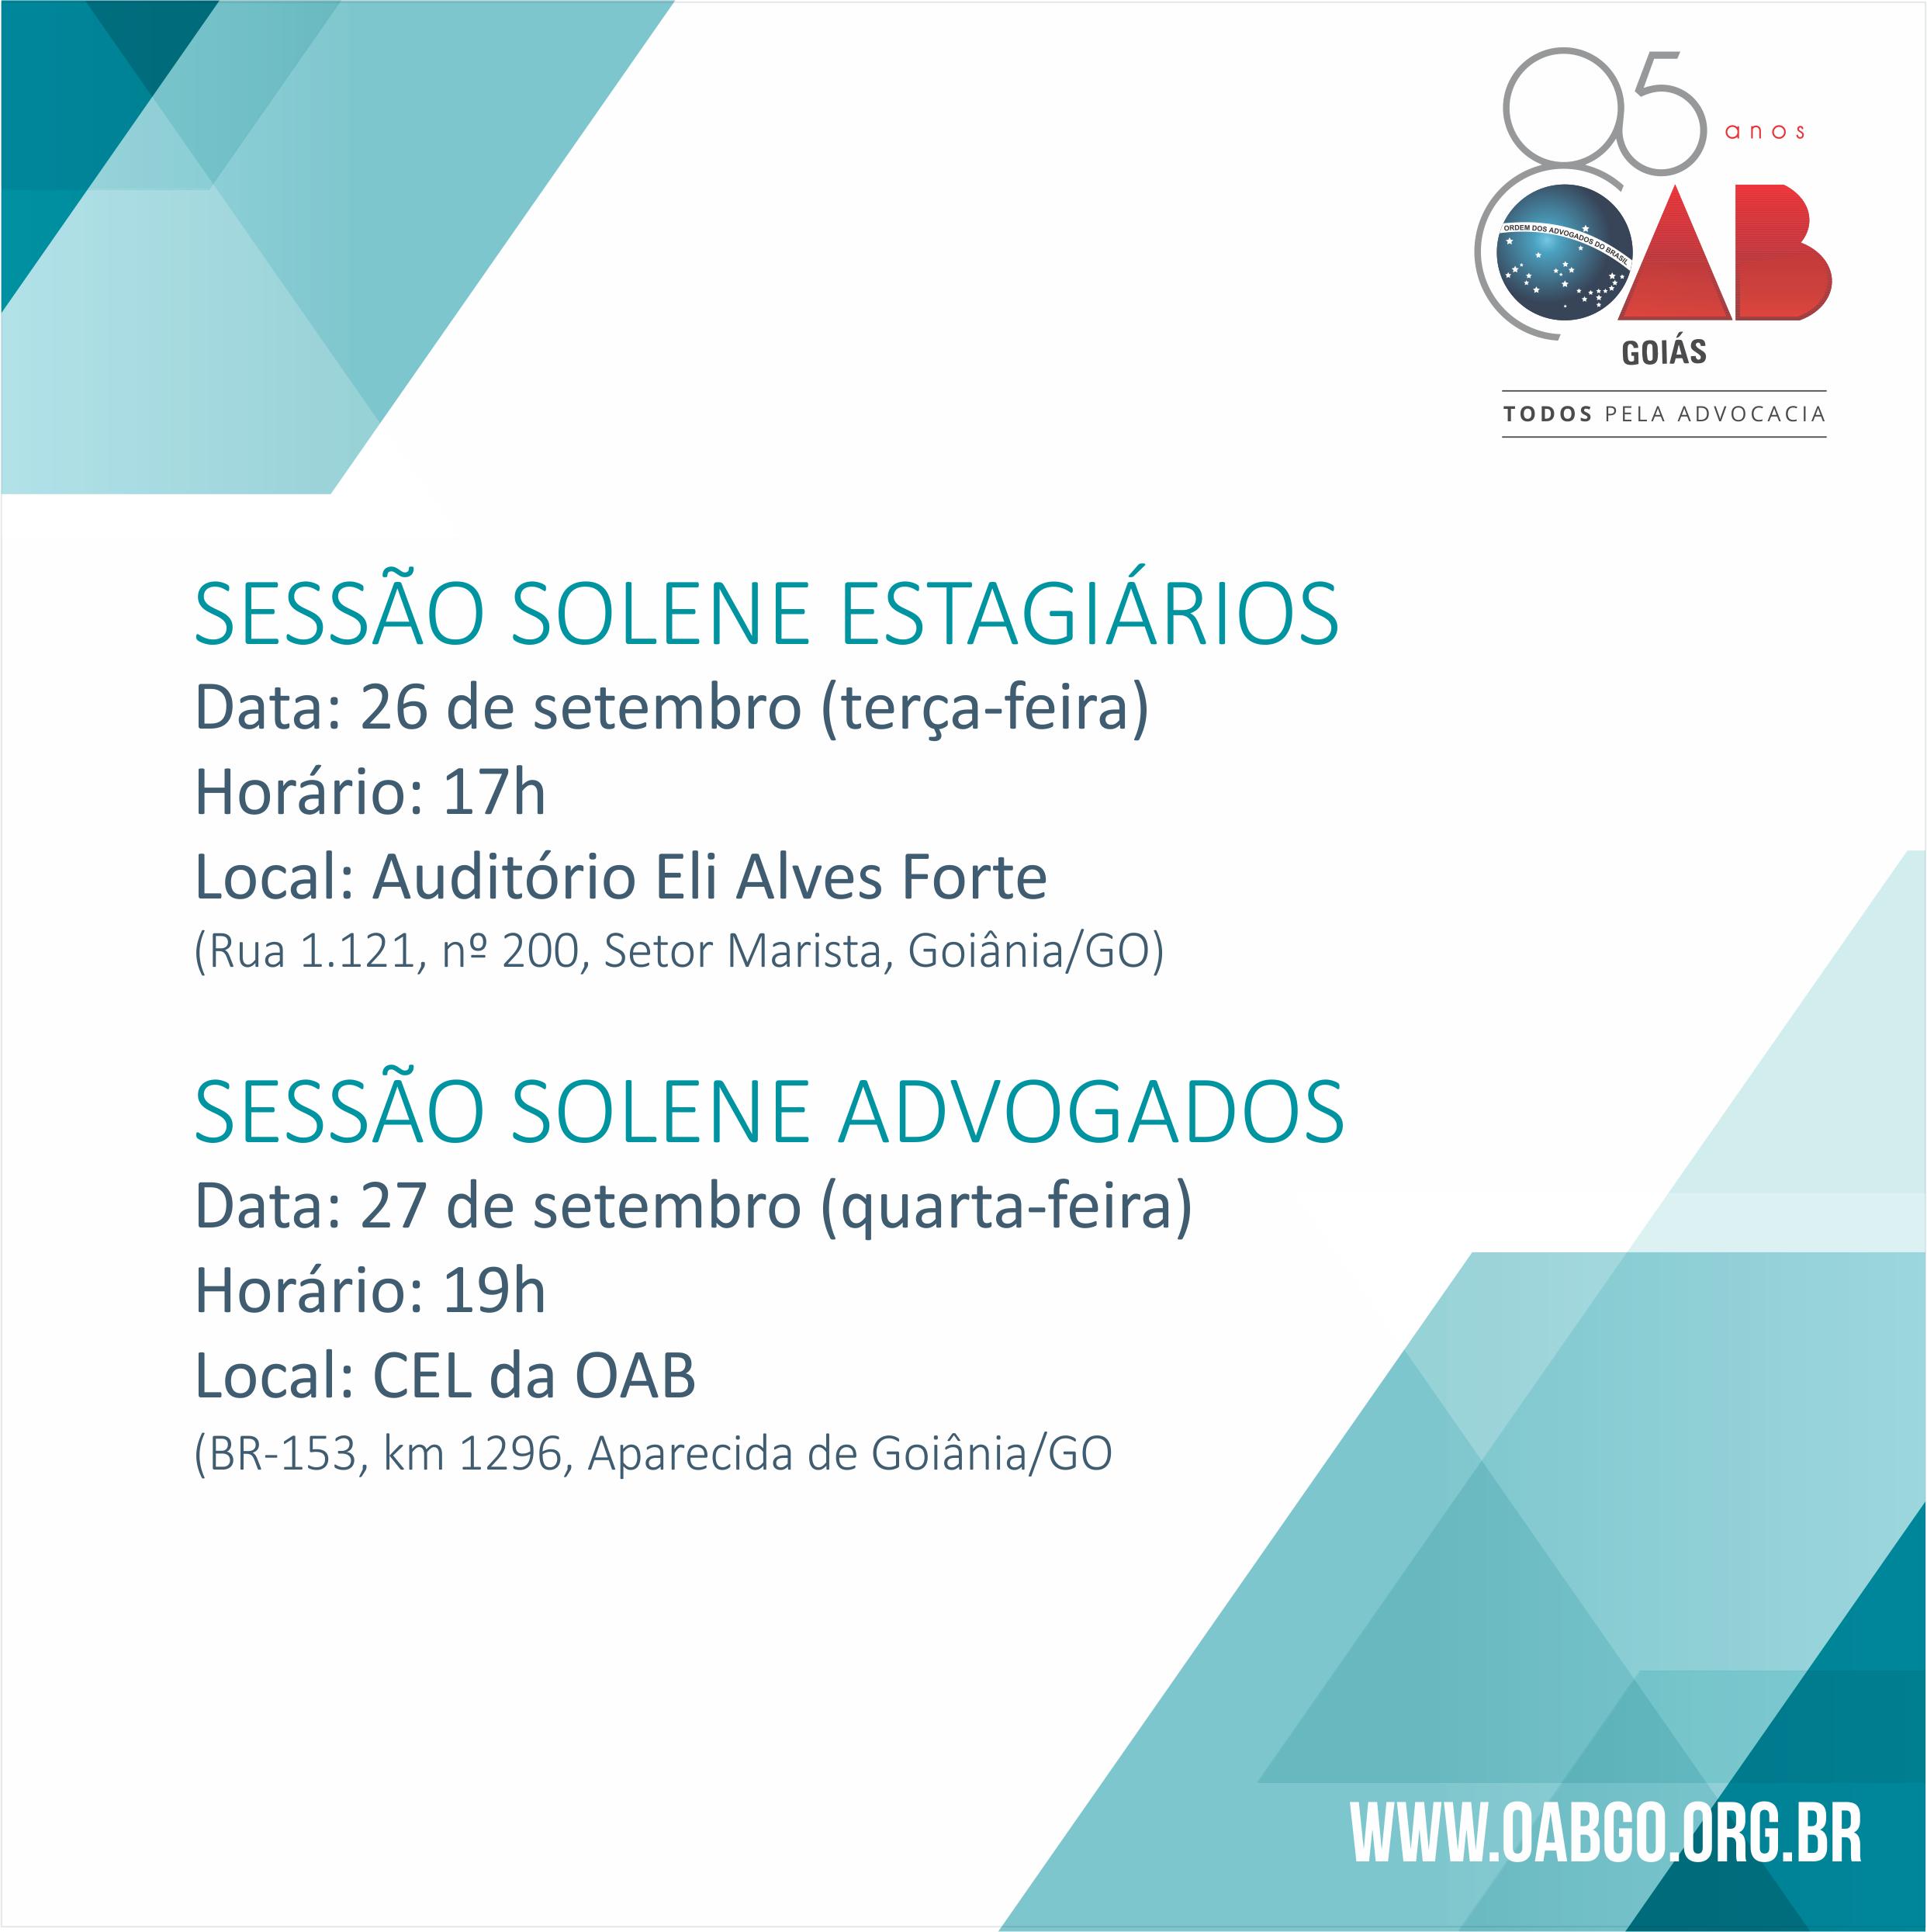 26 e 27.09 - Sessões Solenes